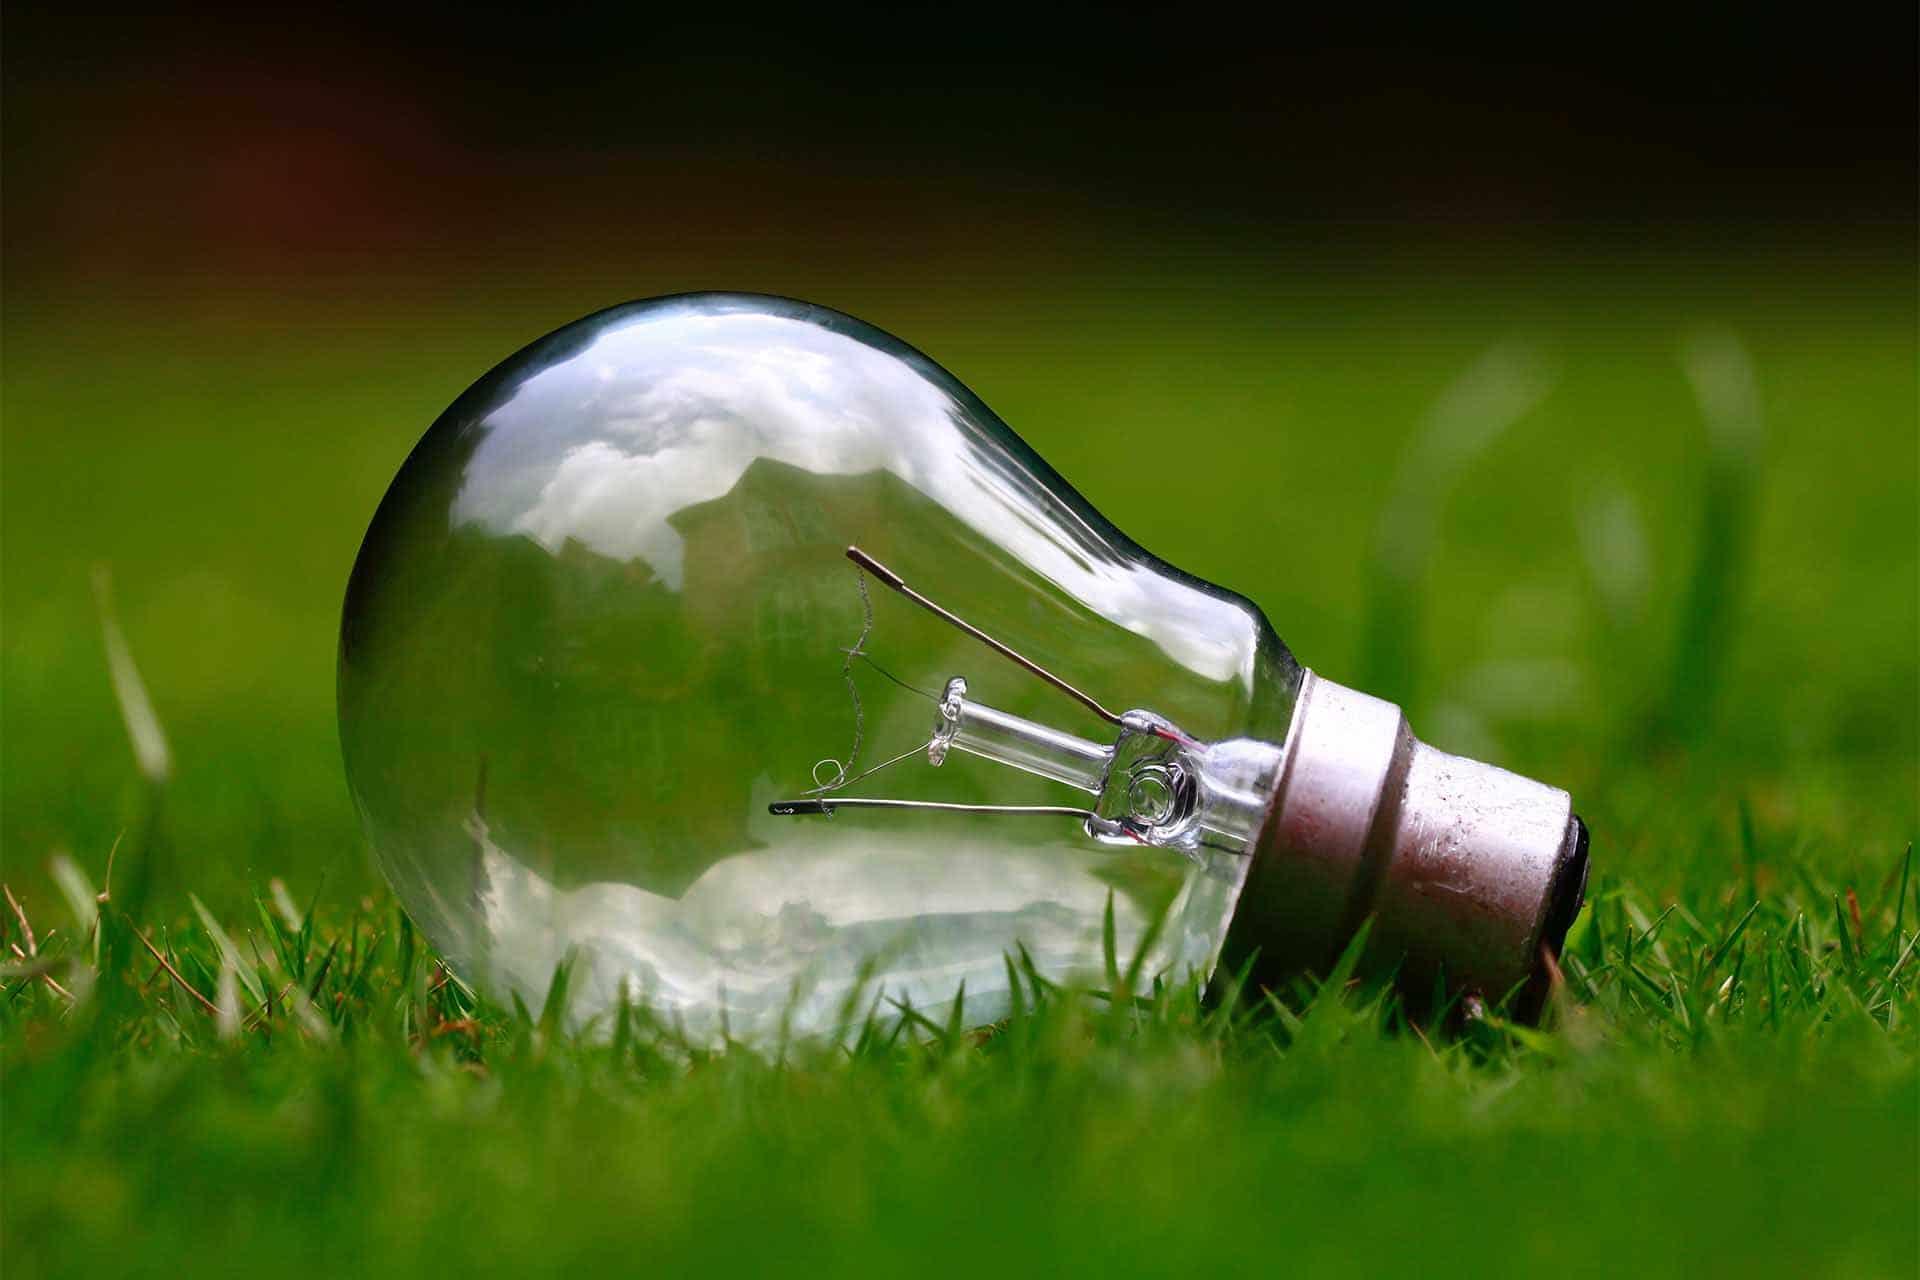 t2informatik Blog: The mindset of innovation